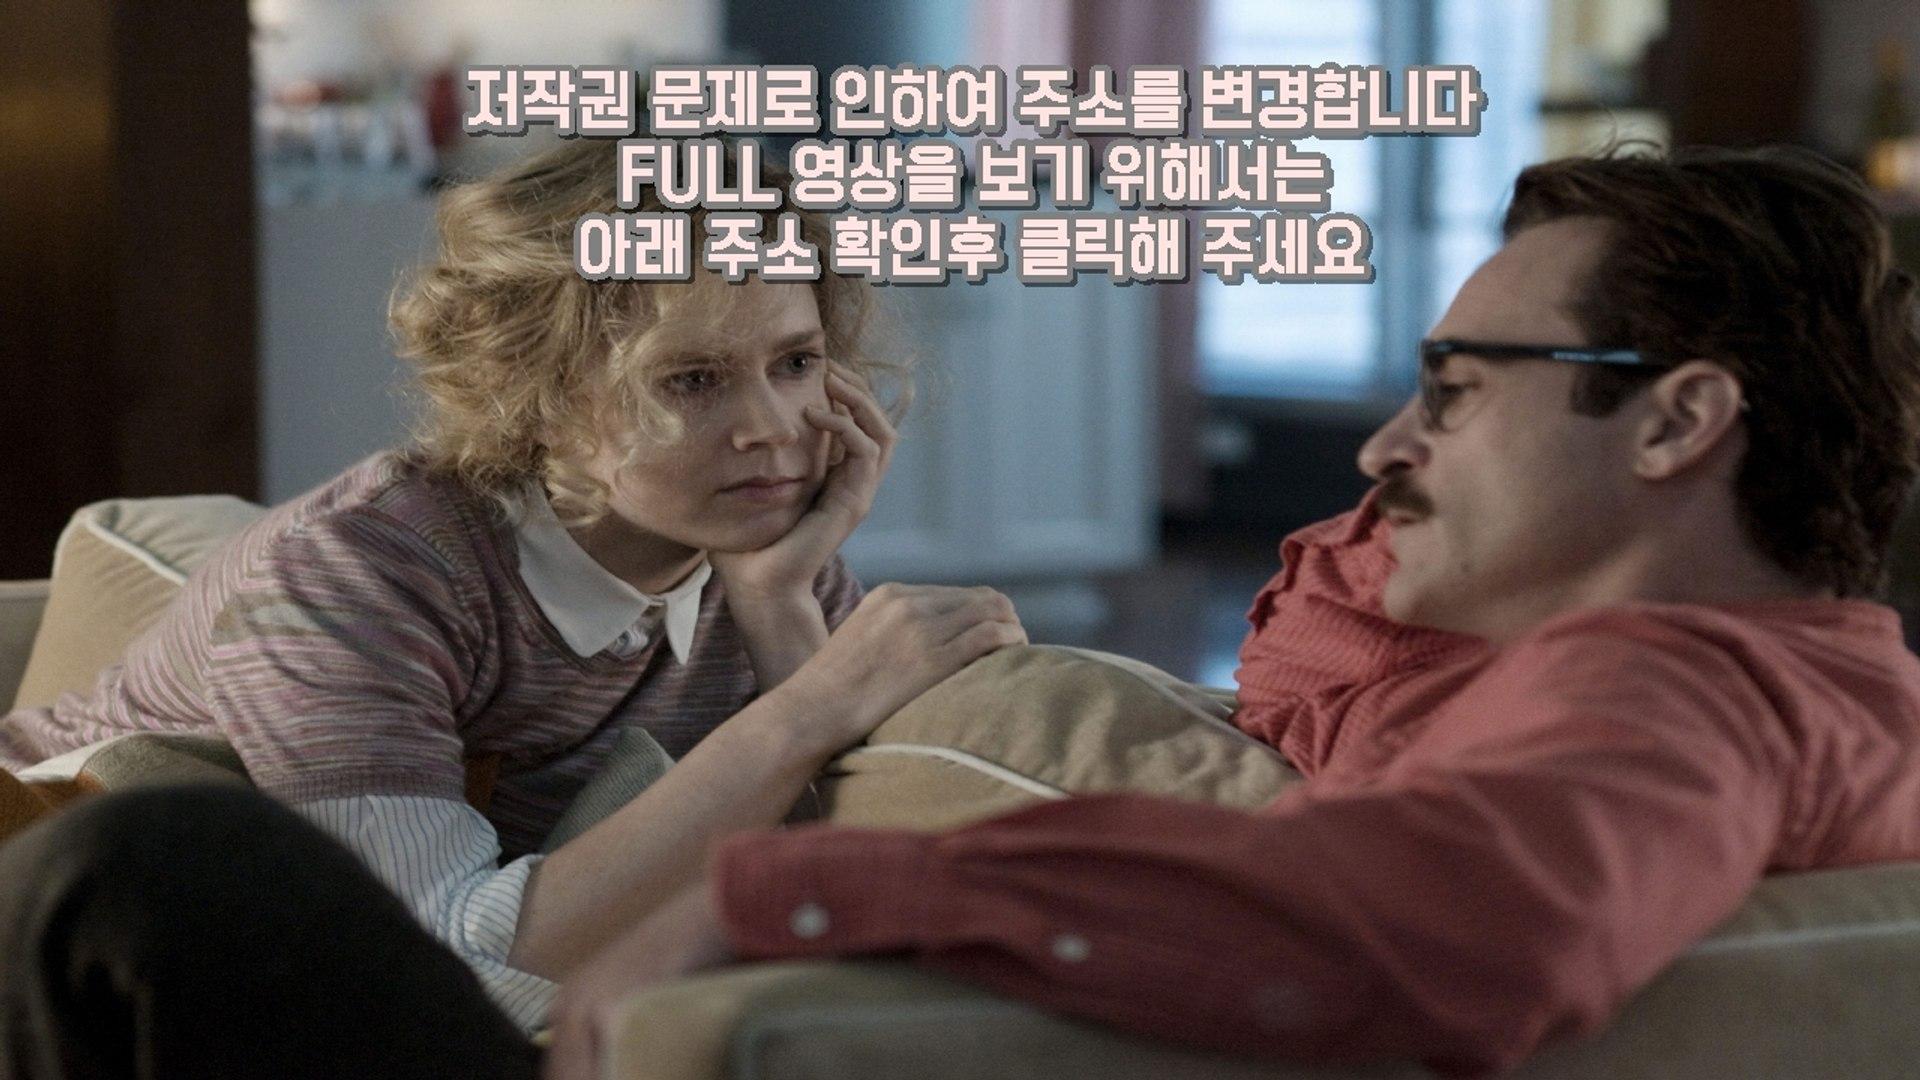 [다시보기] - 그녀 full 다운받기